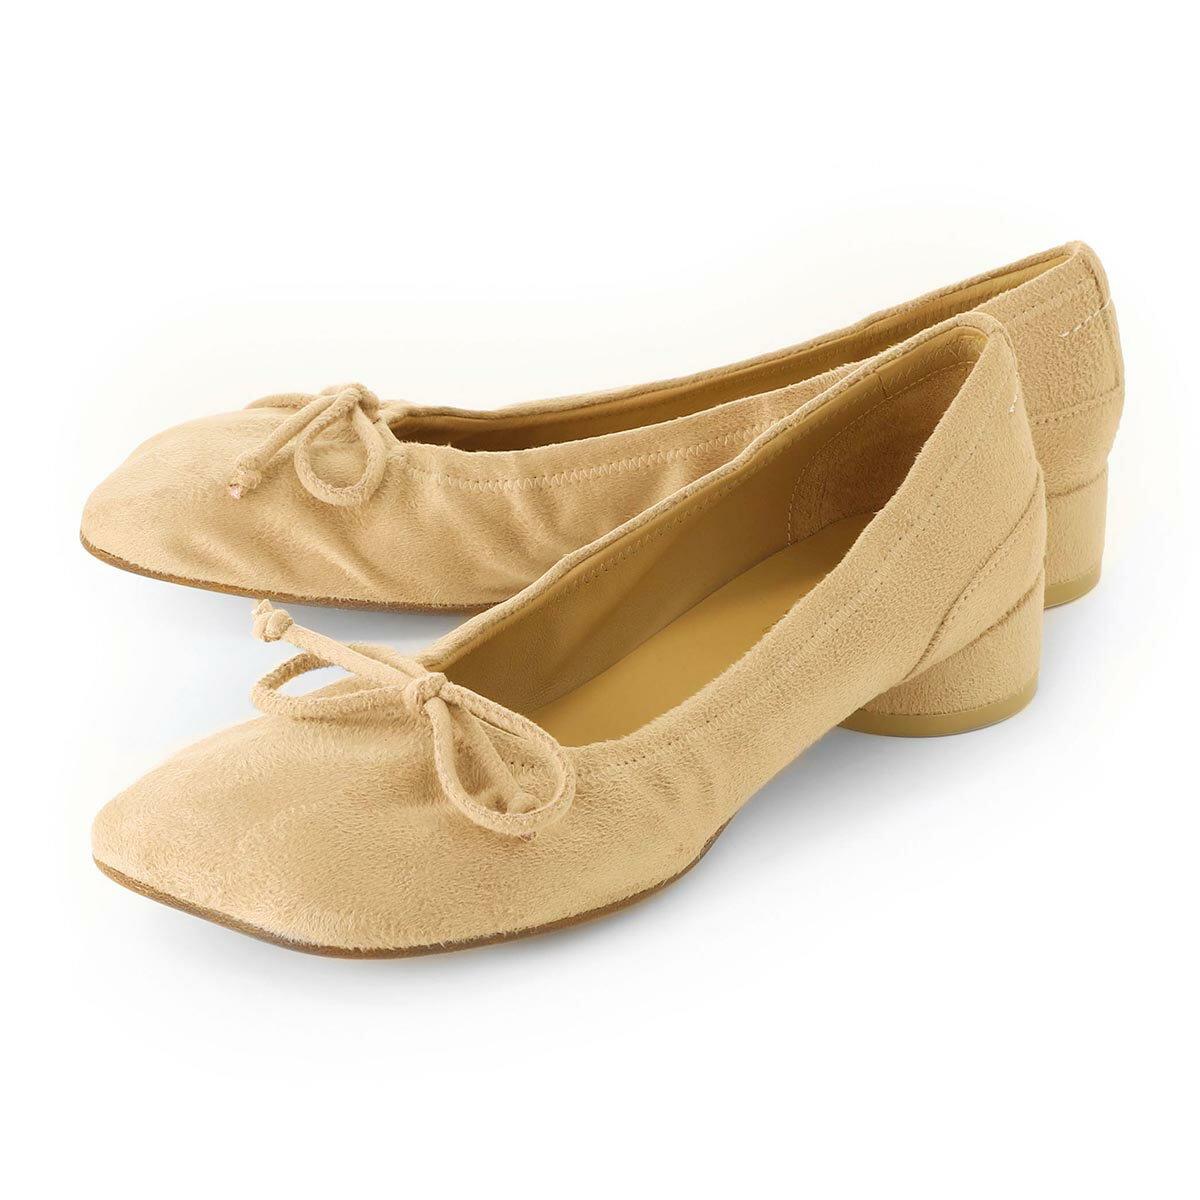 レディース靴, パンプス  6 MM6 Maison Margiela s59wz0080 p0677 t4111